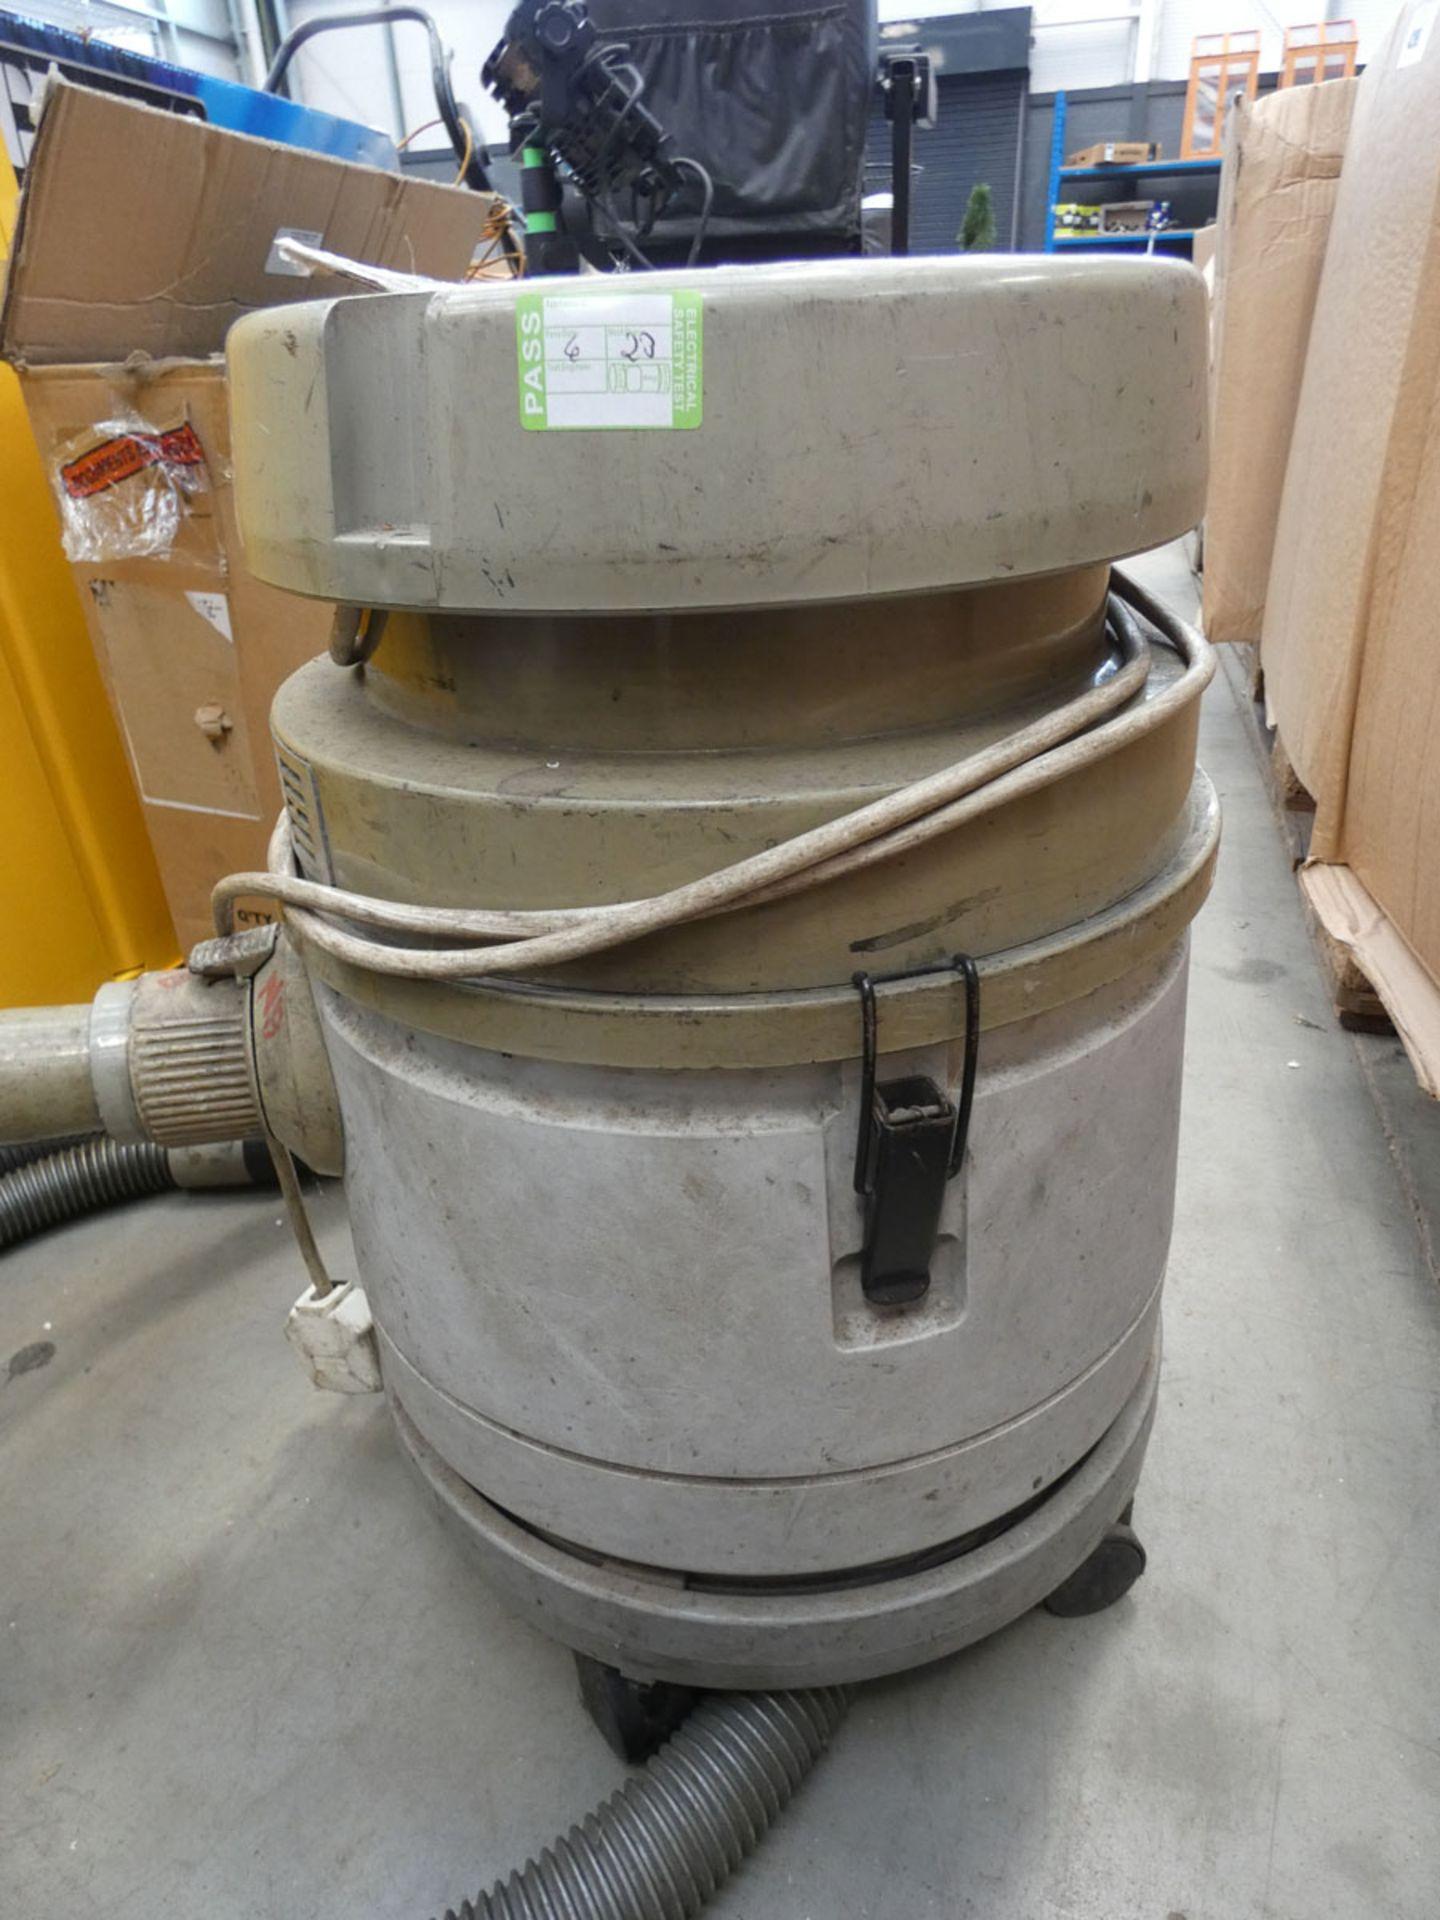 4464 Small vacuum cleaner